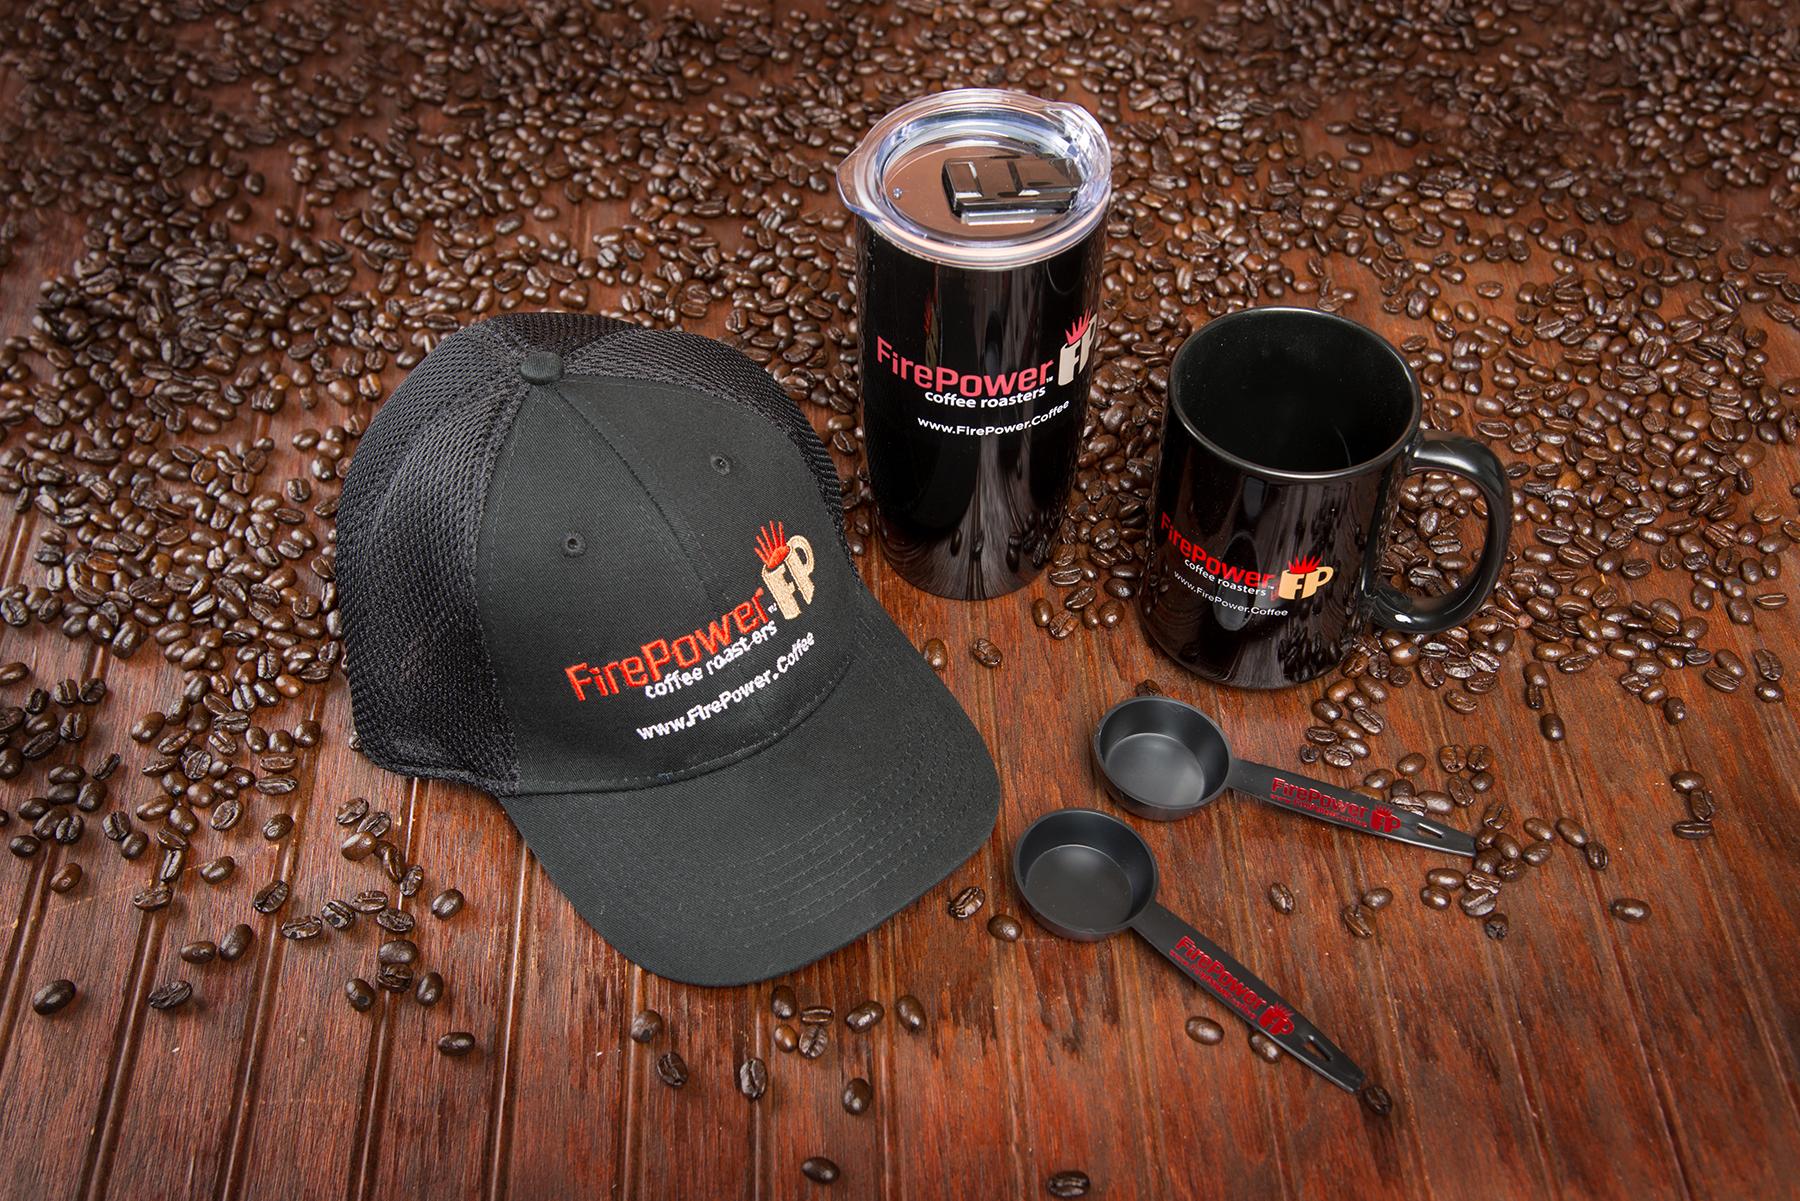 Firepower Coffee Gear